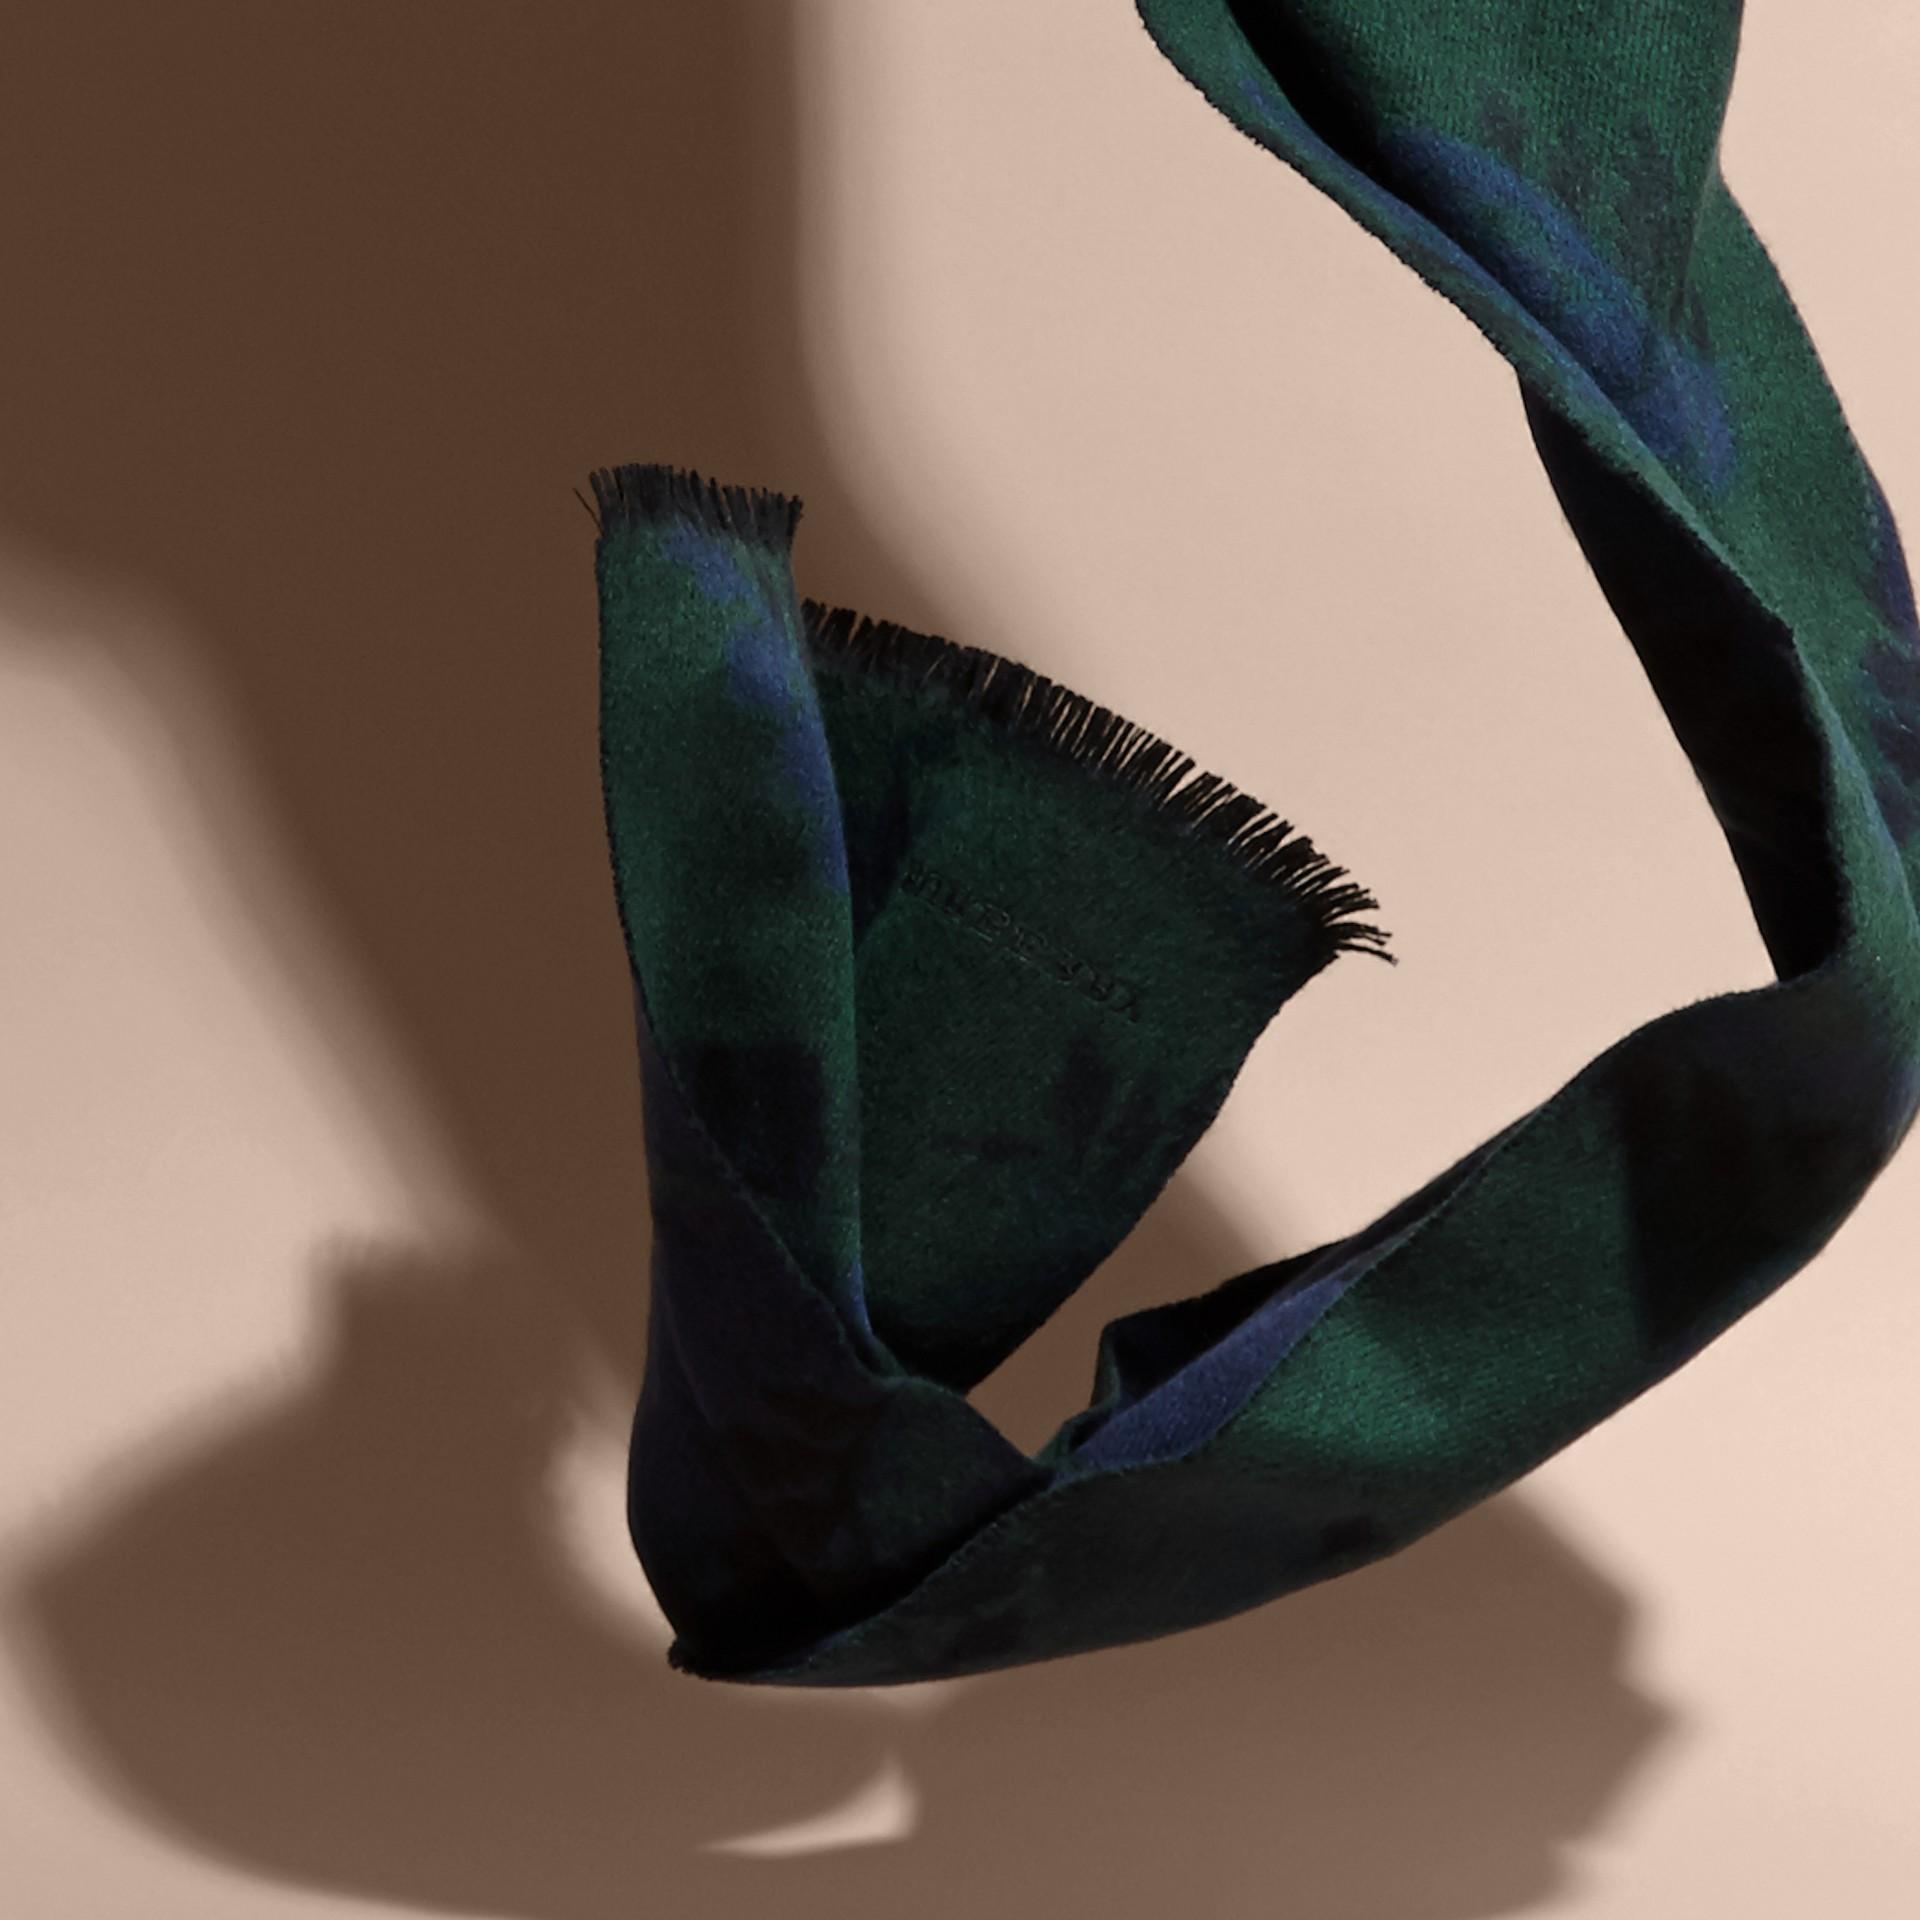 Marine Écharpe en cachemire à motif feuillage tissé en jacquard Marine - photo de la galerie 4